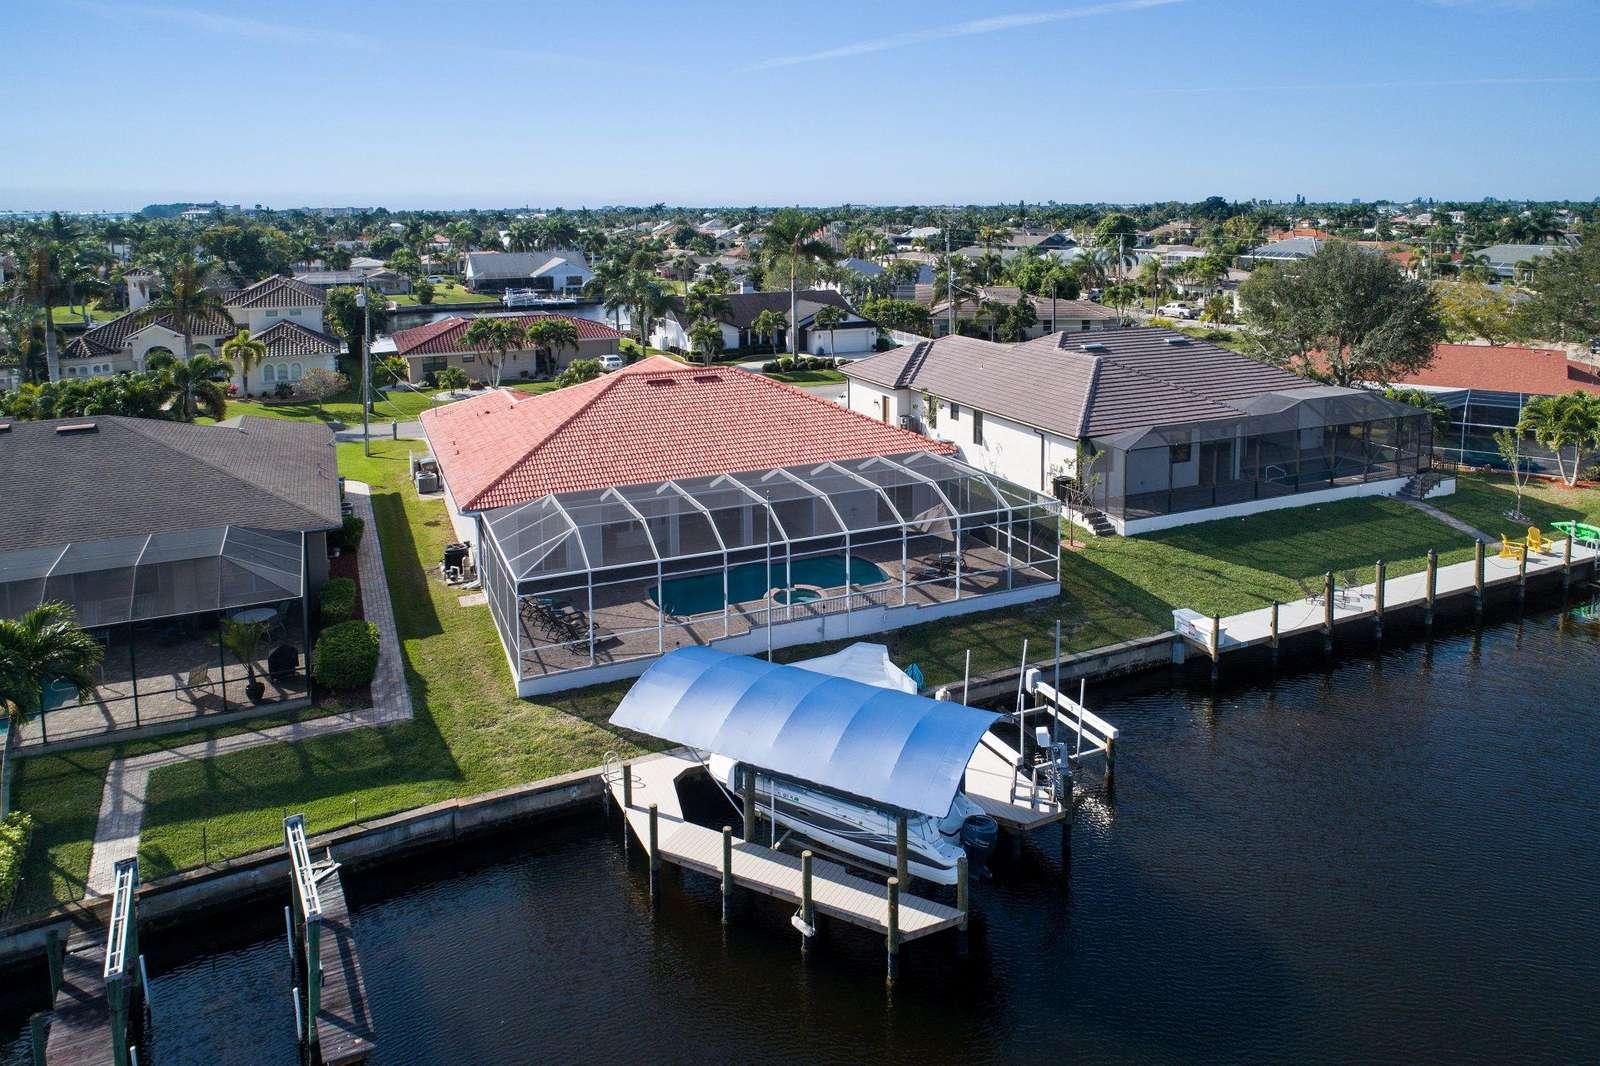 Wischis Florida Ferienhaus - Ferienhaus Cape Coral - Hausverwaltung - Immobilien